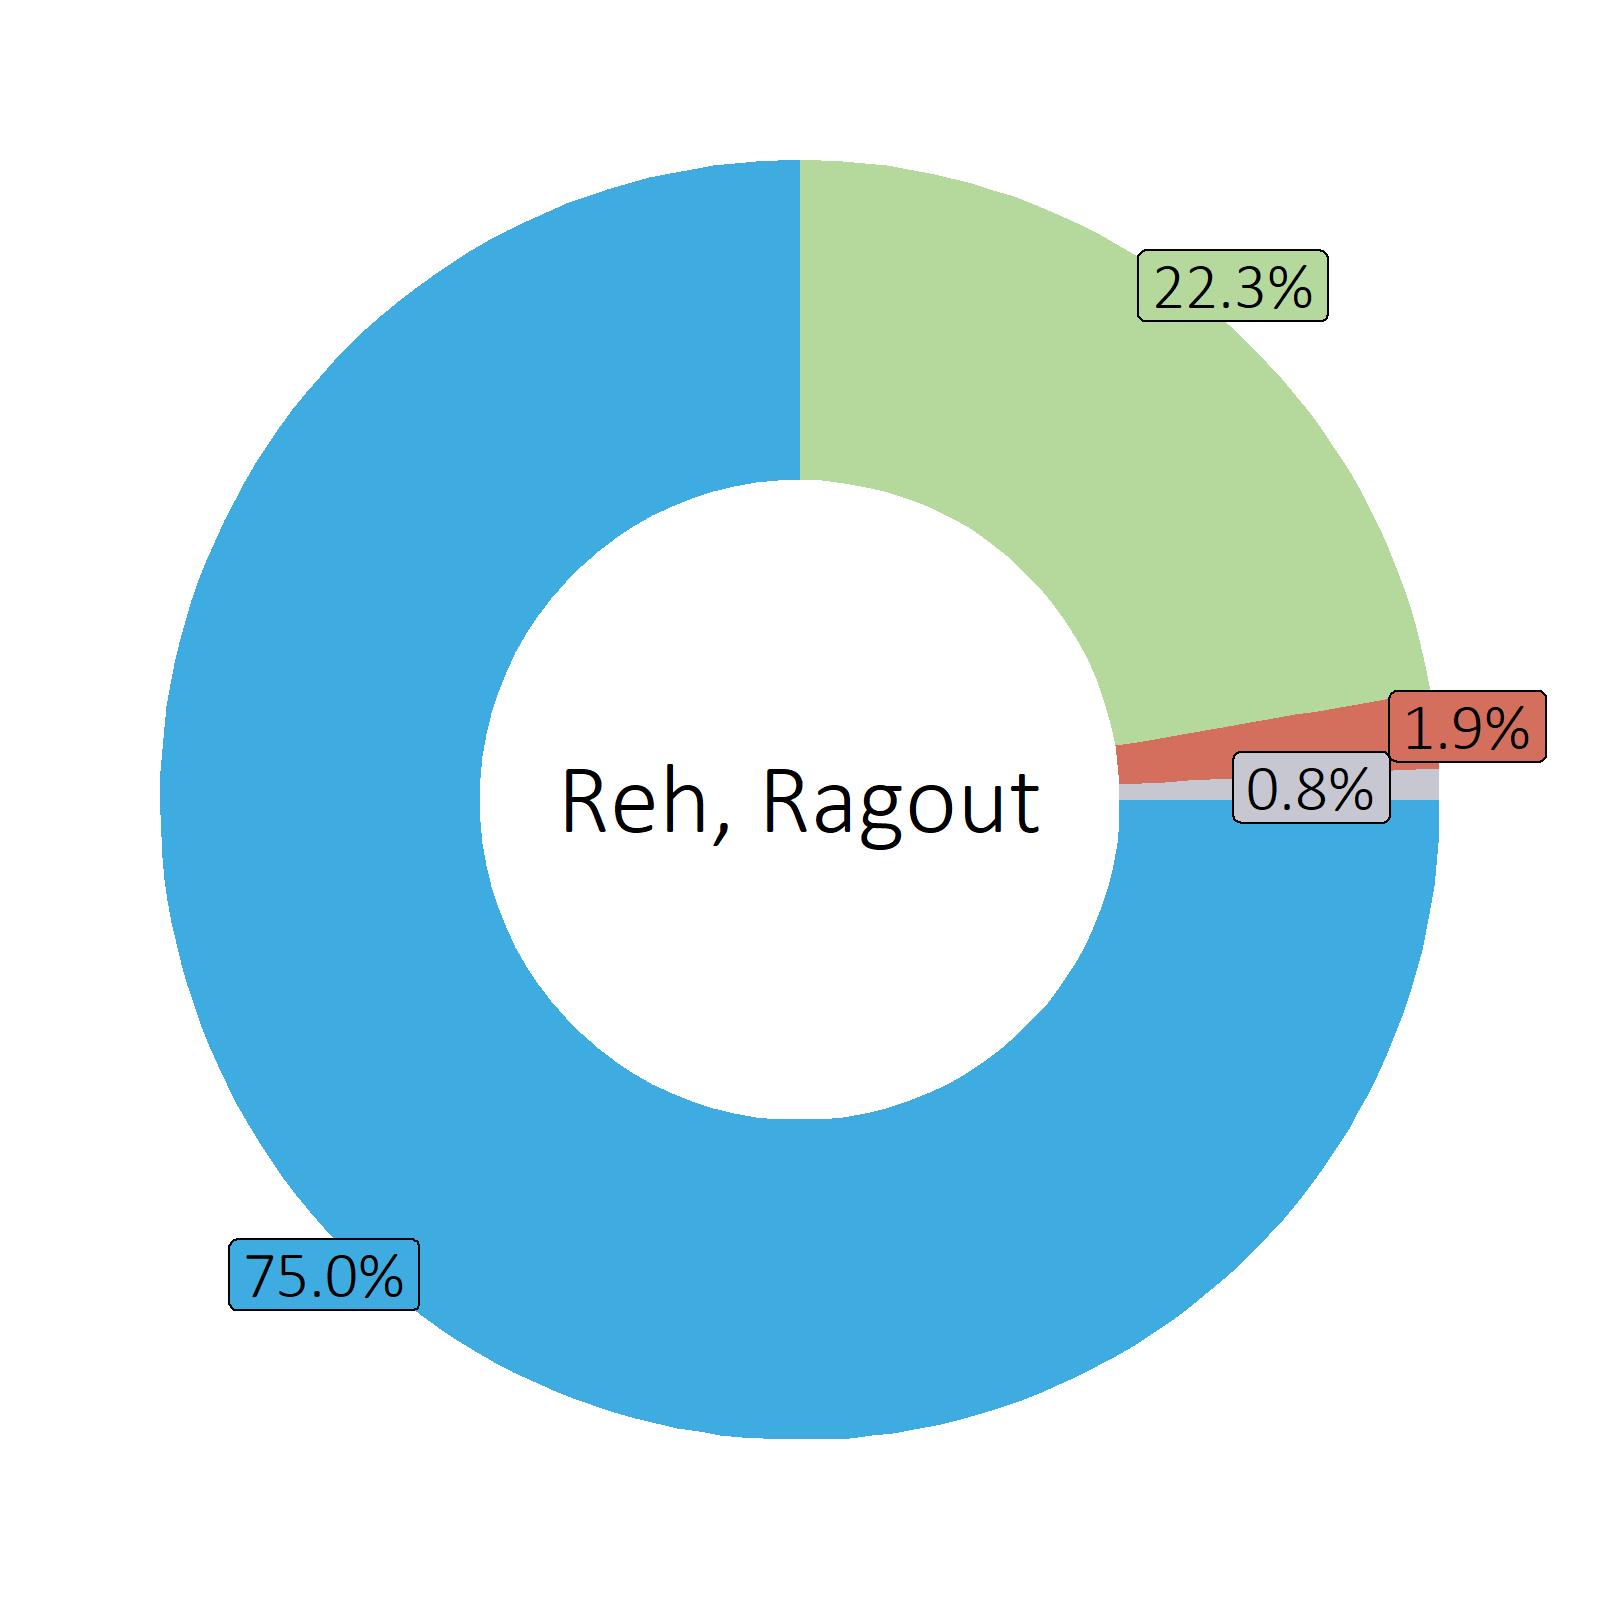 Bestandteile Reh, Ragout